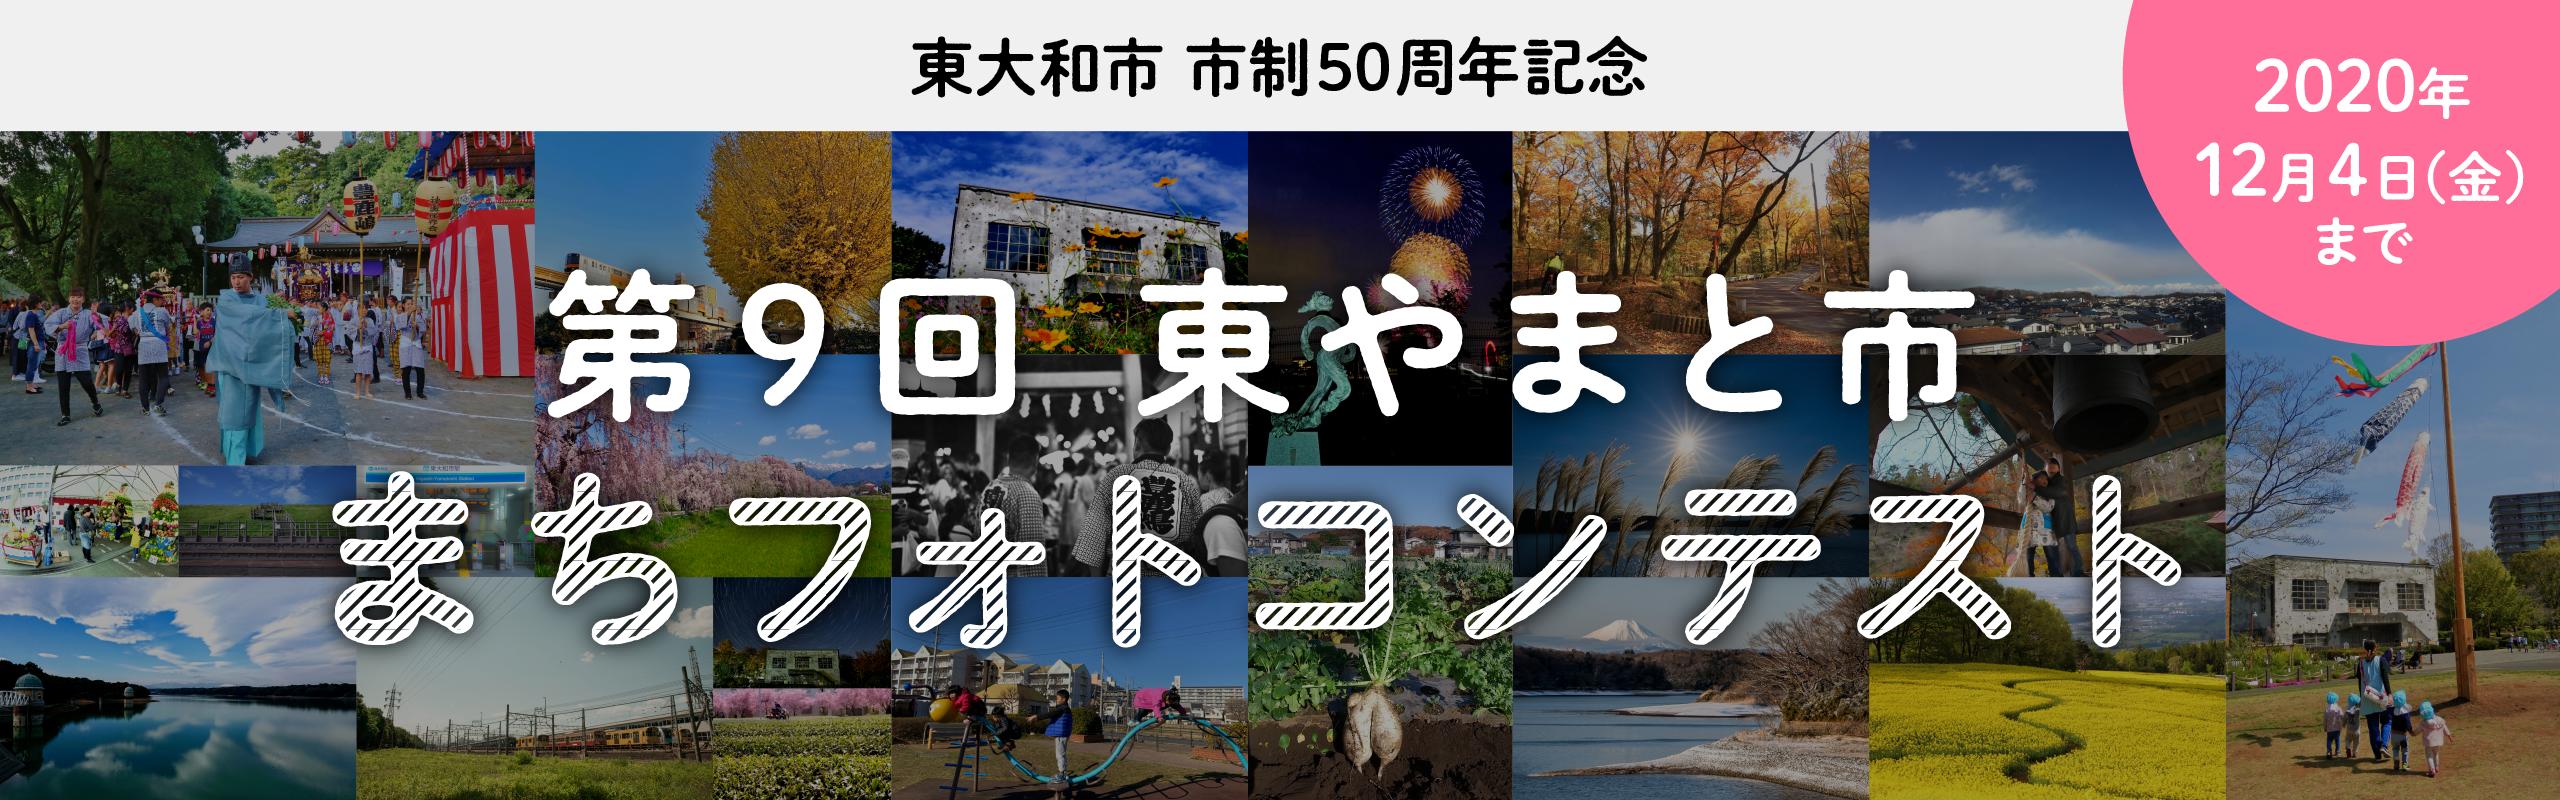 <東大和市 市制50周年記念>第9回東やまと市まちフォトコンテスト